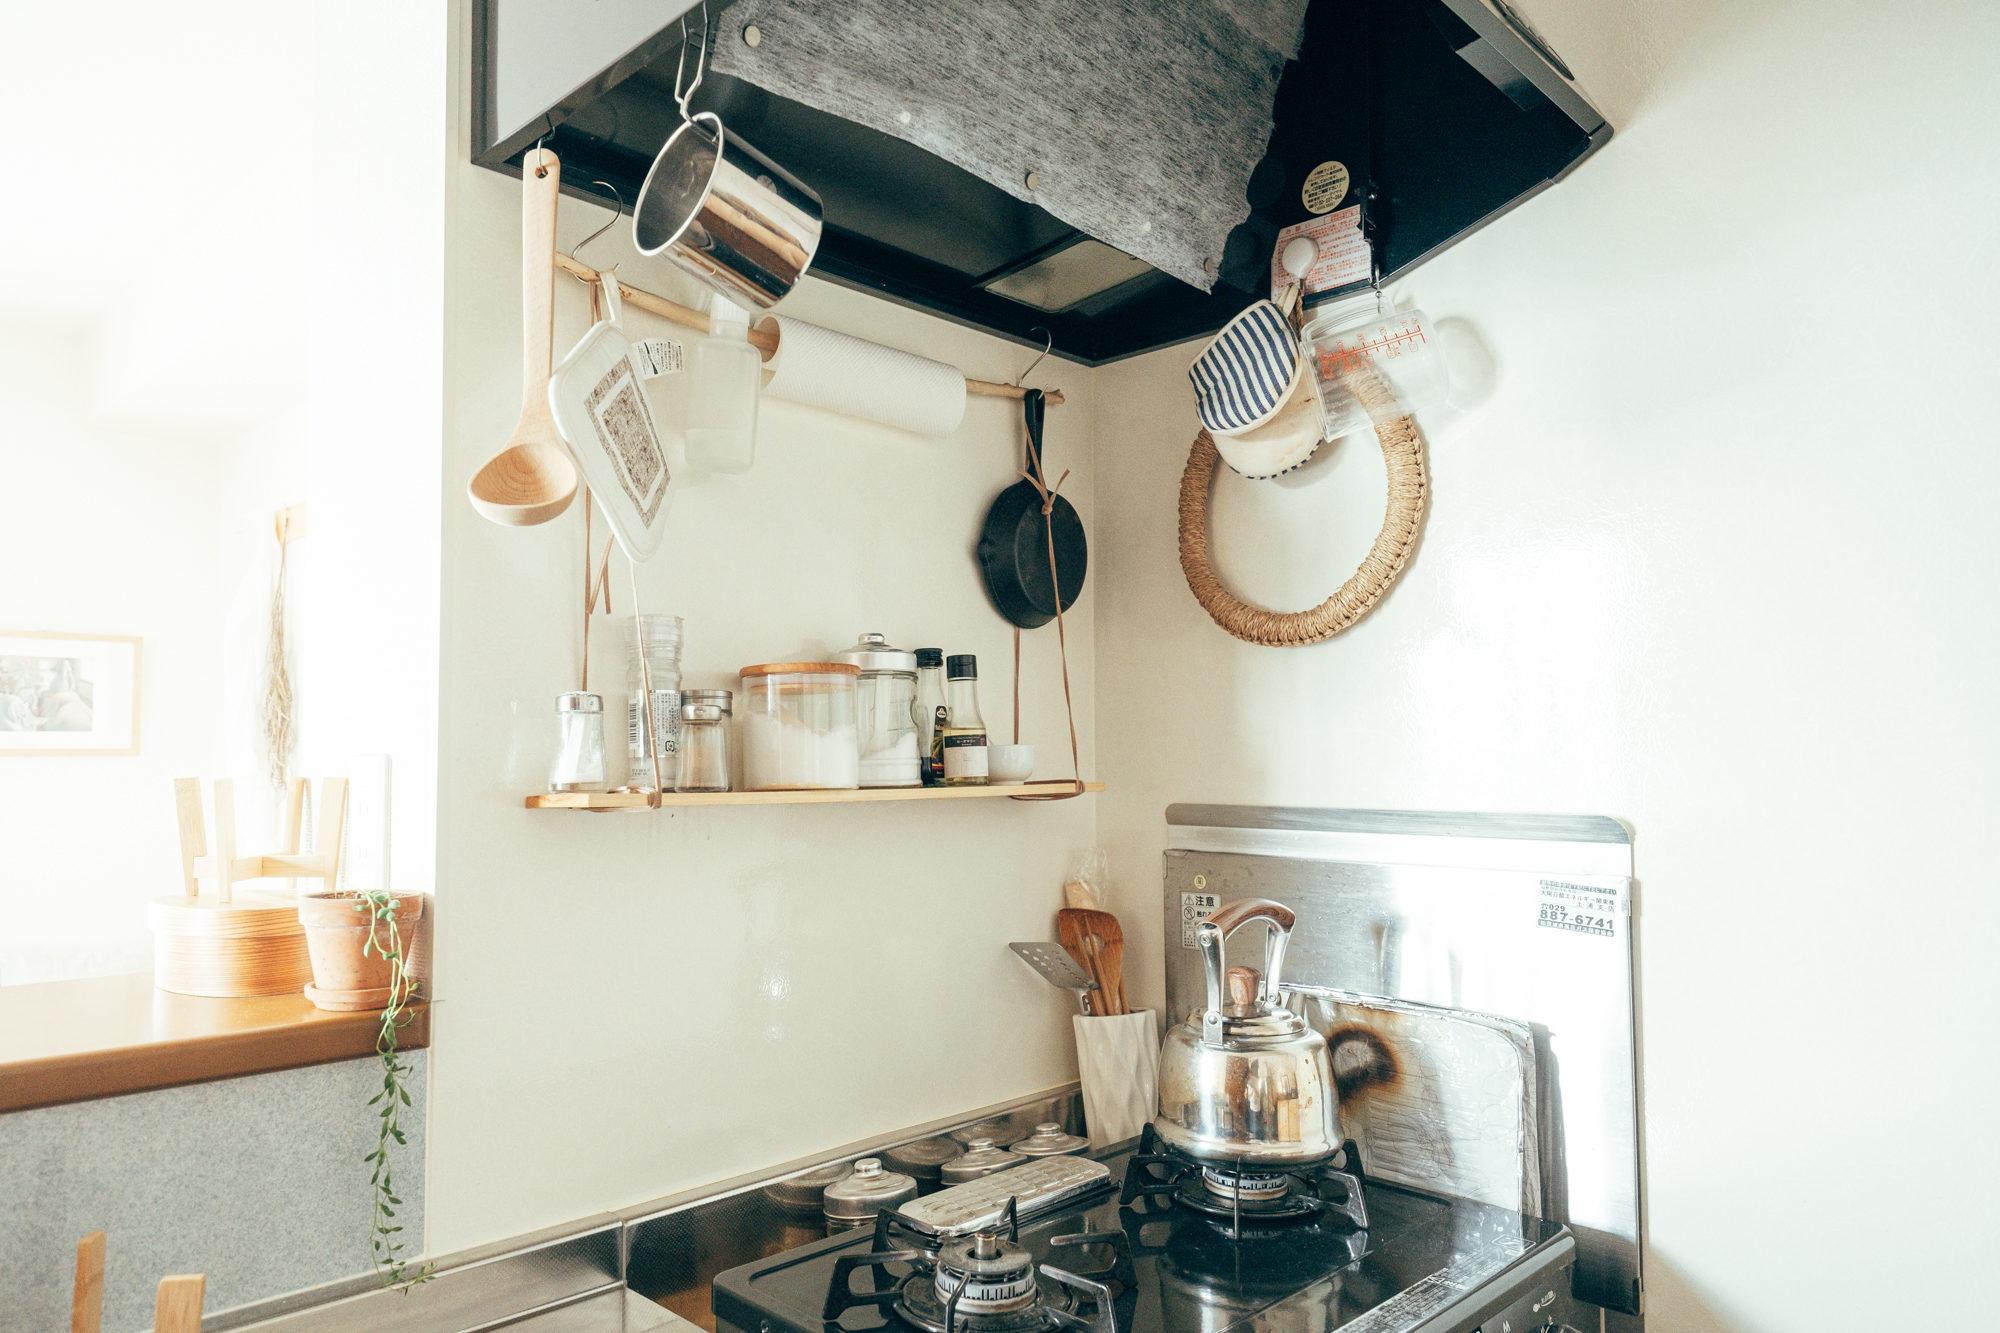 またキッチンの調味料棚としても活用されています。